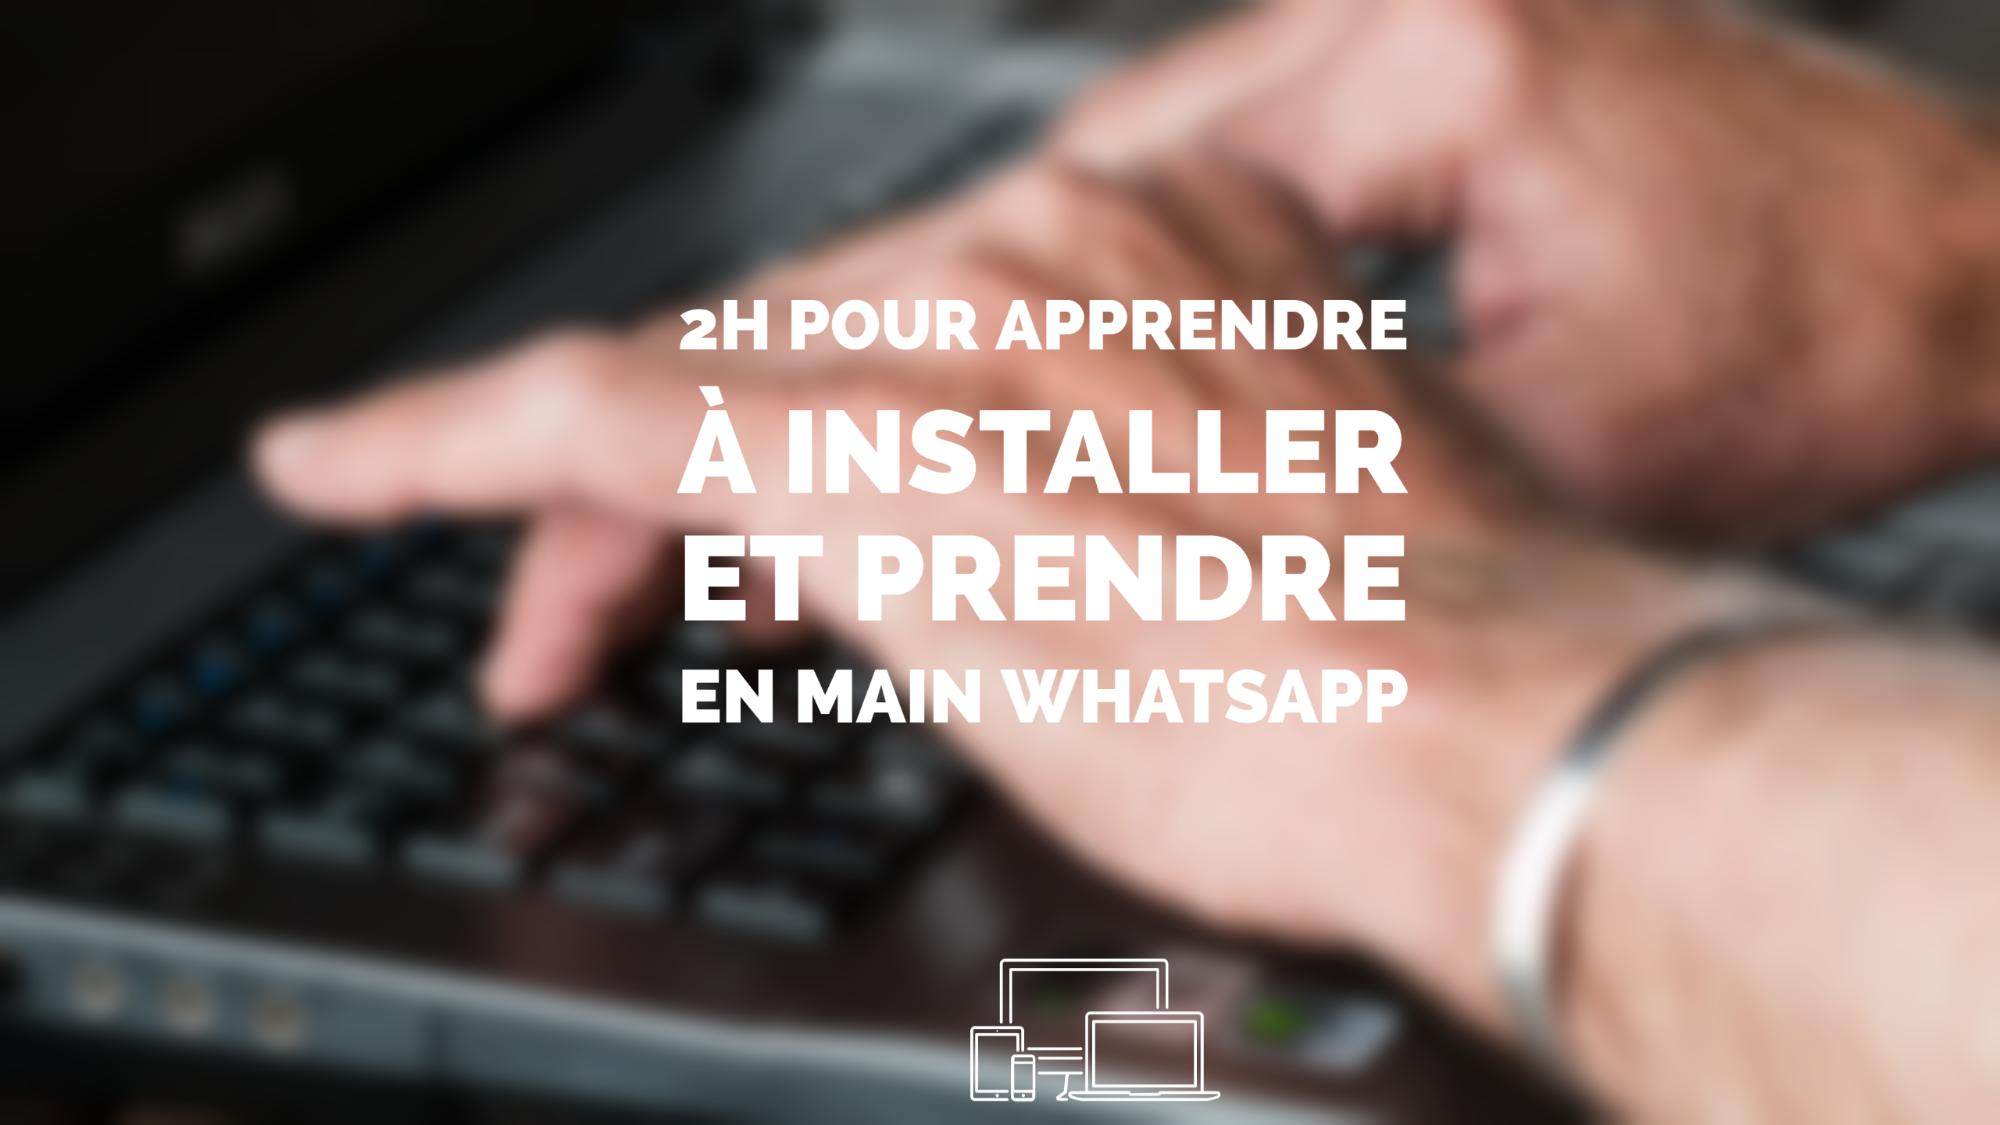 Représentation de la formation : 2h pour apprendre à installer et prendre en main Whatsapp